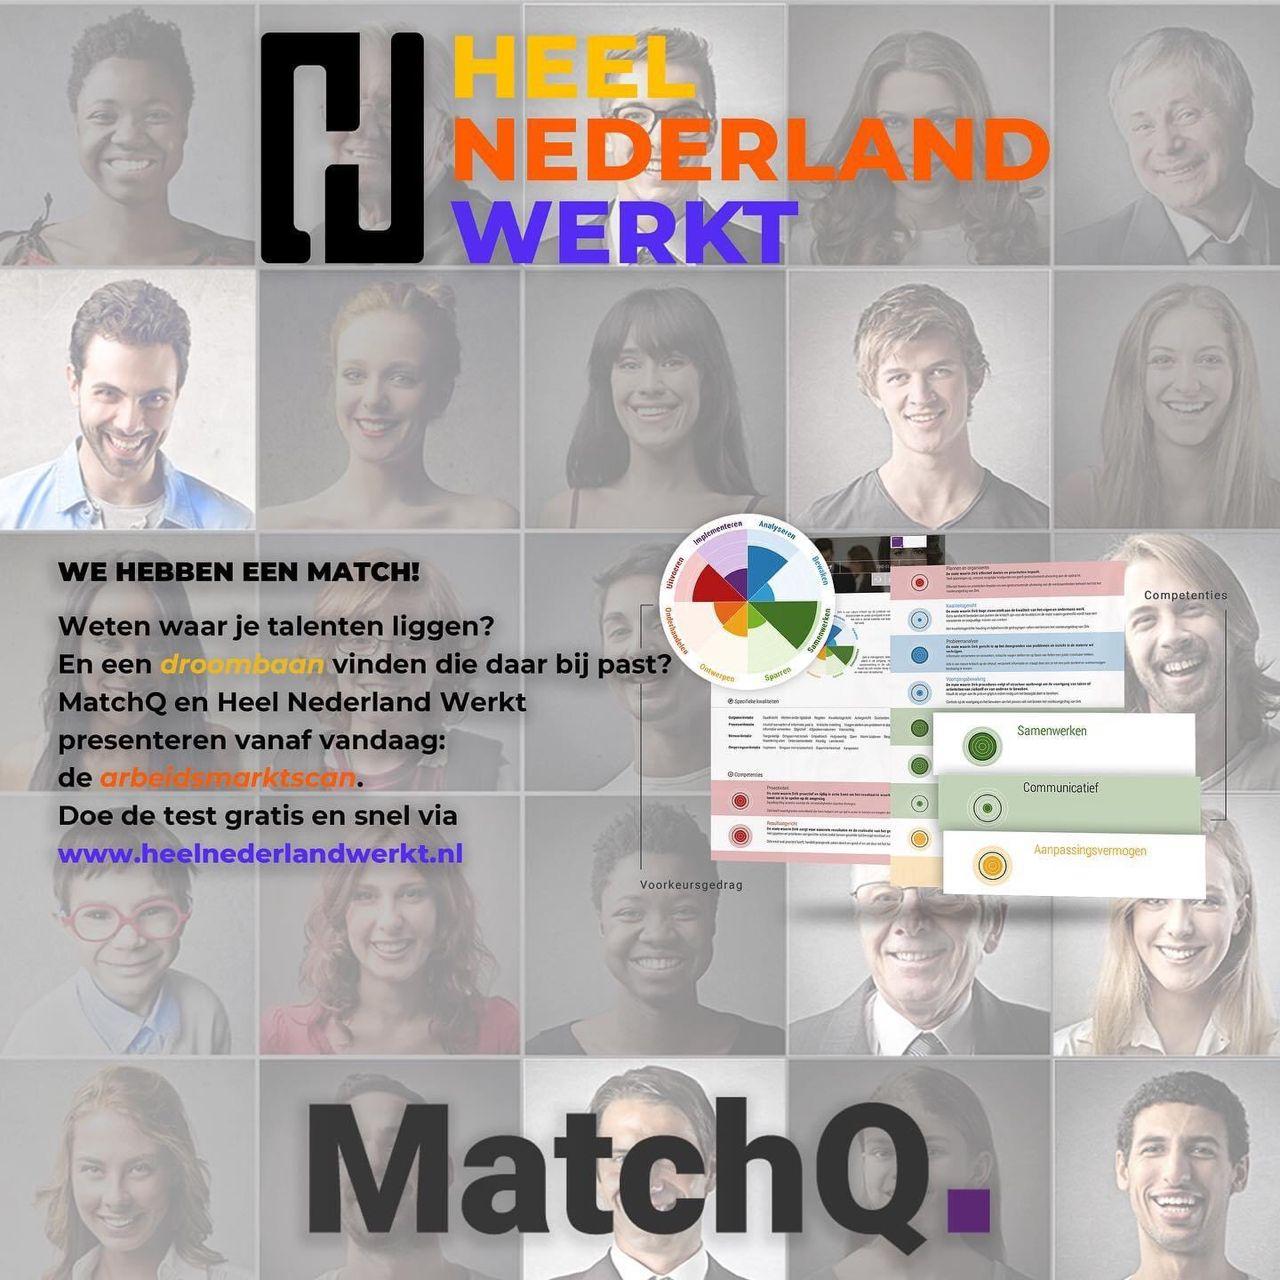 Heel Nederland Werkt en MatchQ Arbeidsmarktscan